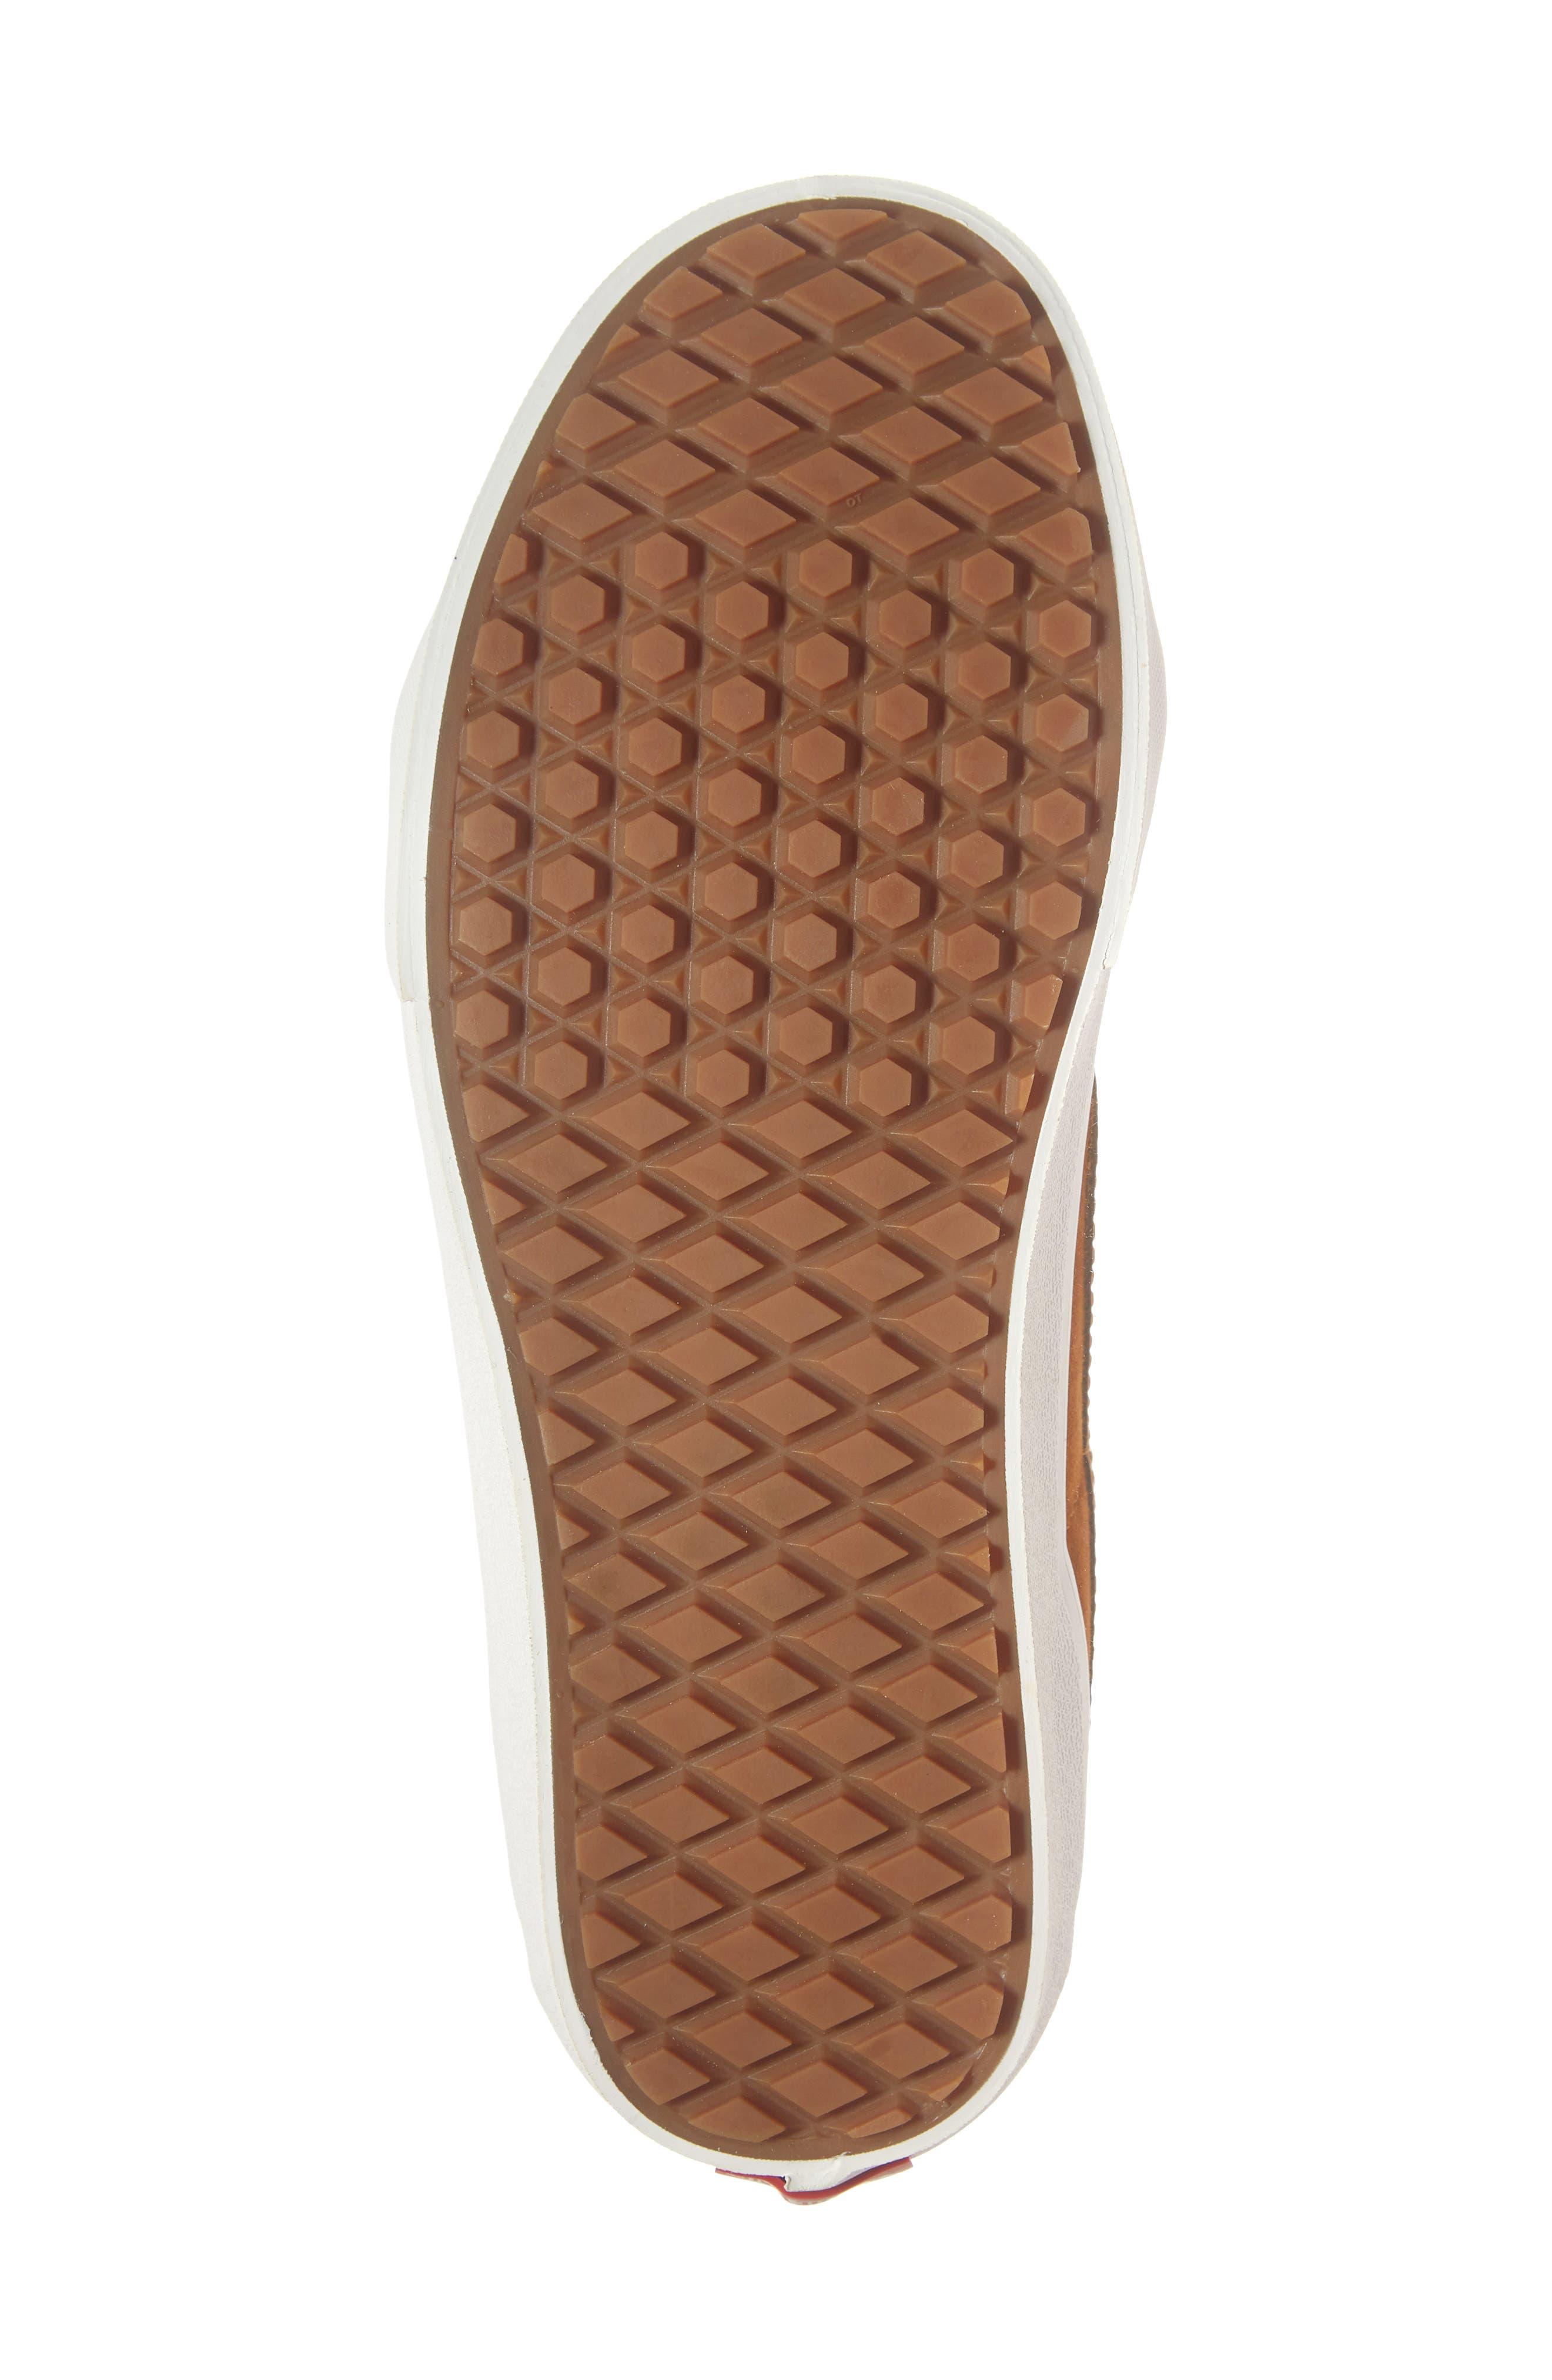 SK8-Hi Mid Reissue Ghillie MTE Sneaker,                             Alternate thumbnail 6, color,                             BROWN/ MARSHMALLOW